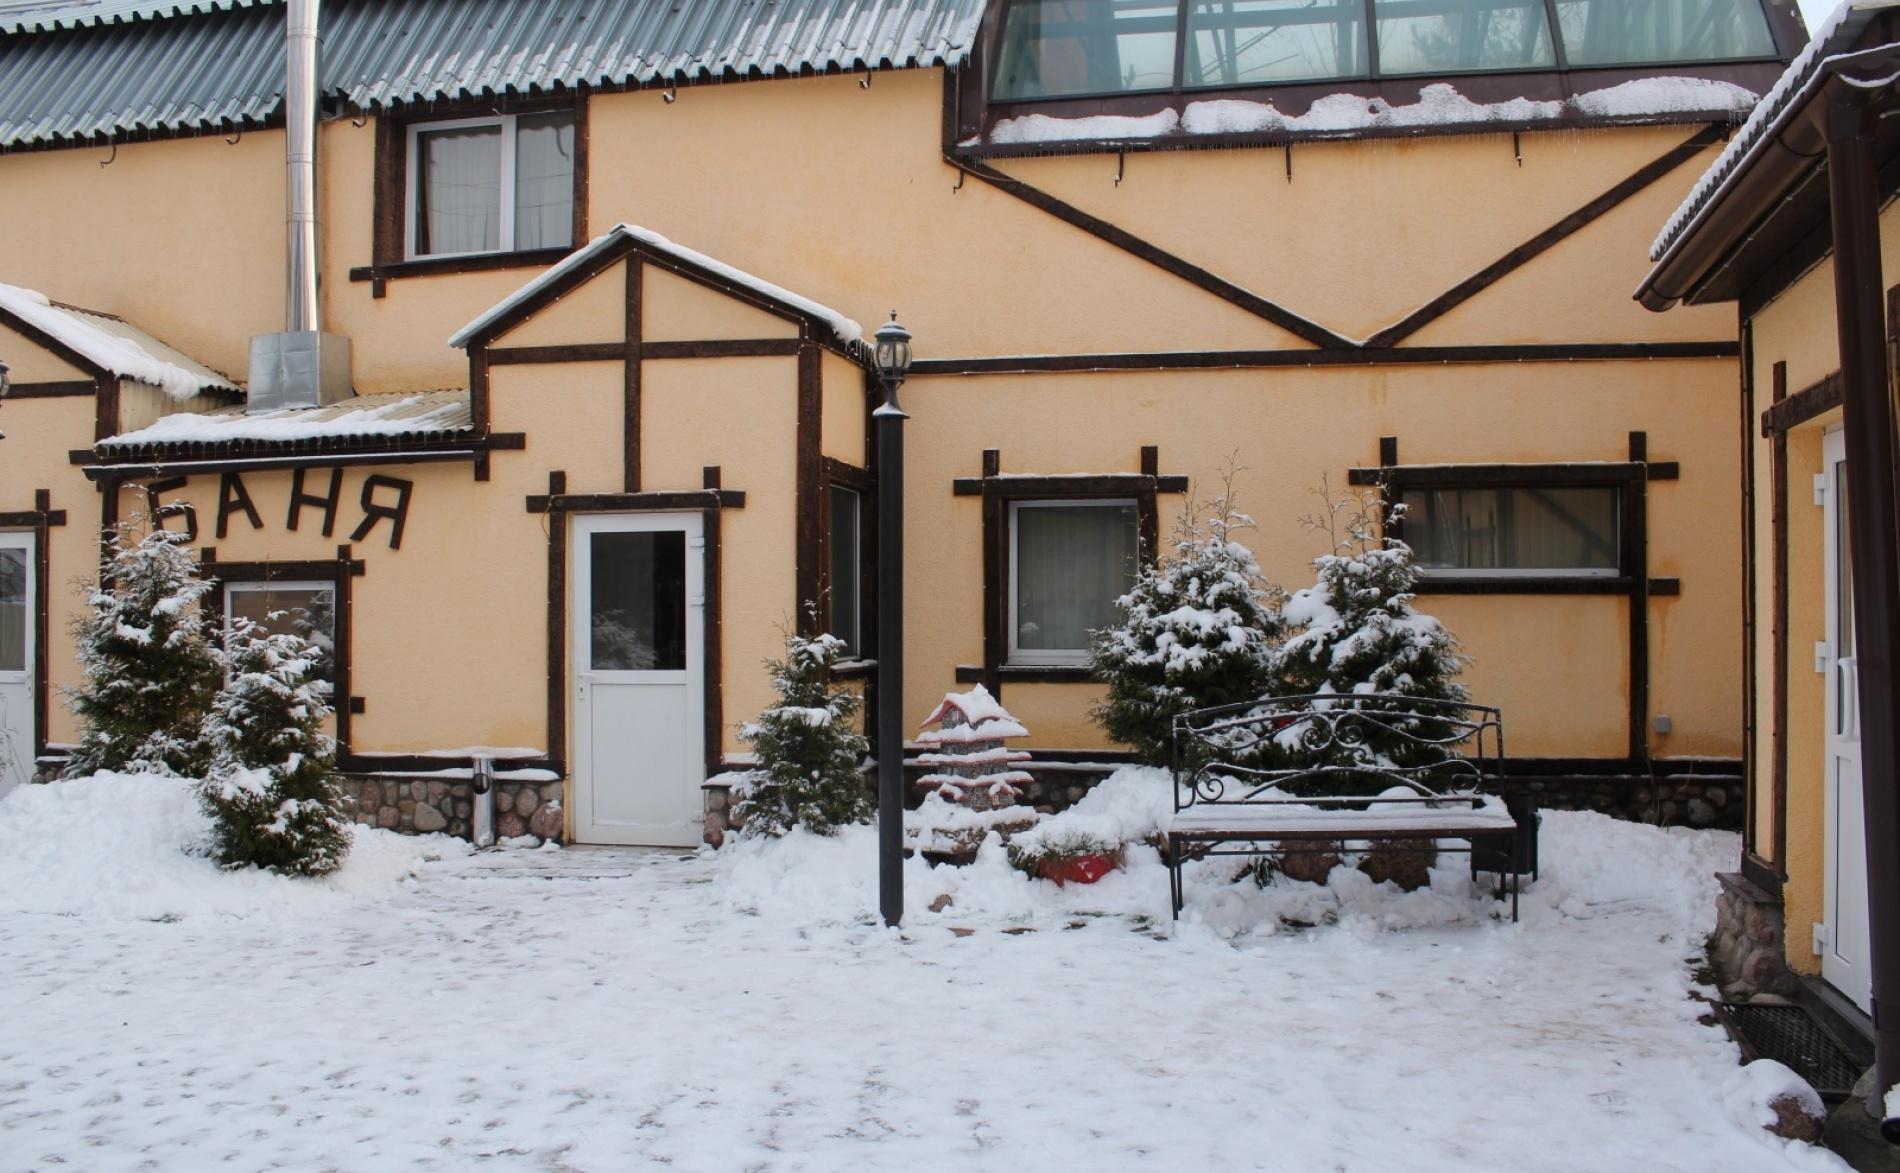 Загородный гостиничный комплекс «Старые традиции» Ленинградская область, фото 11